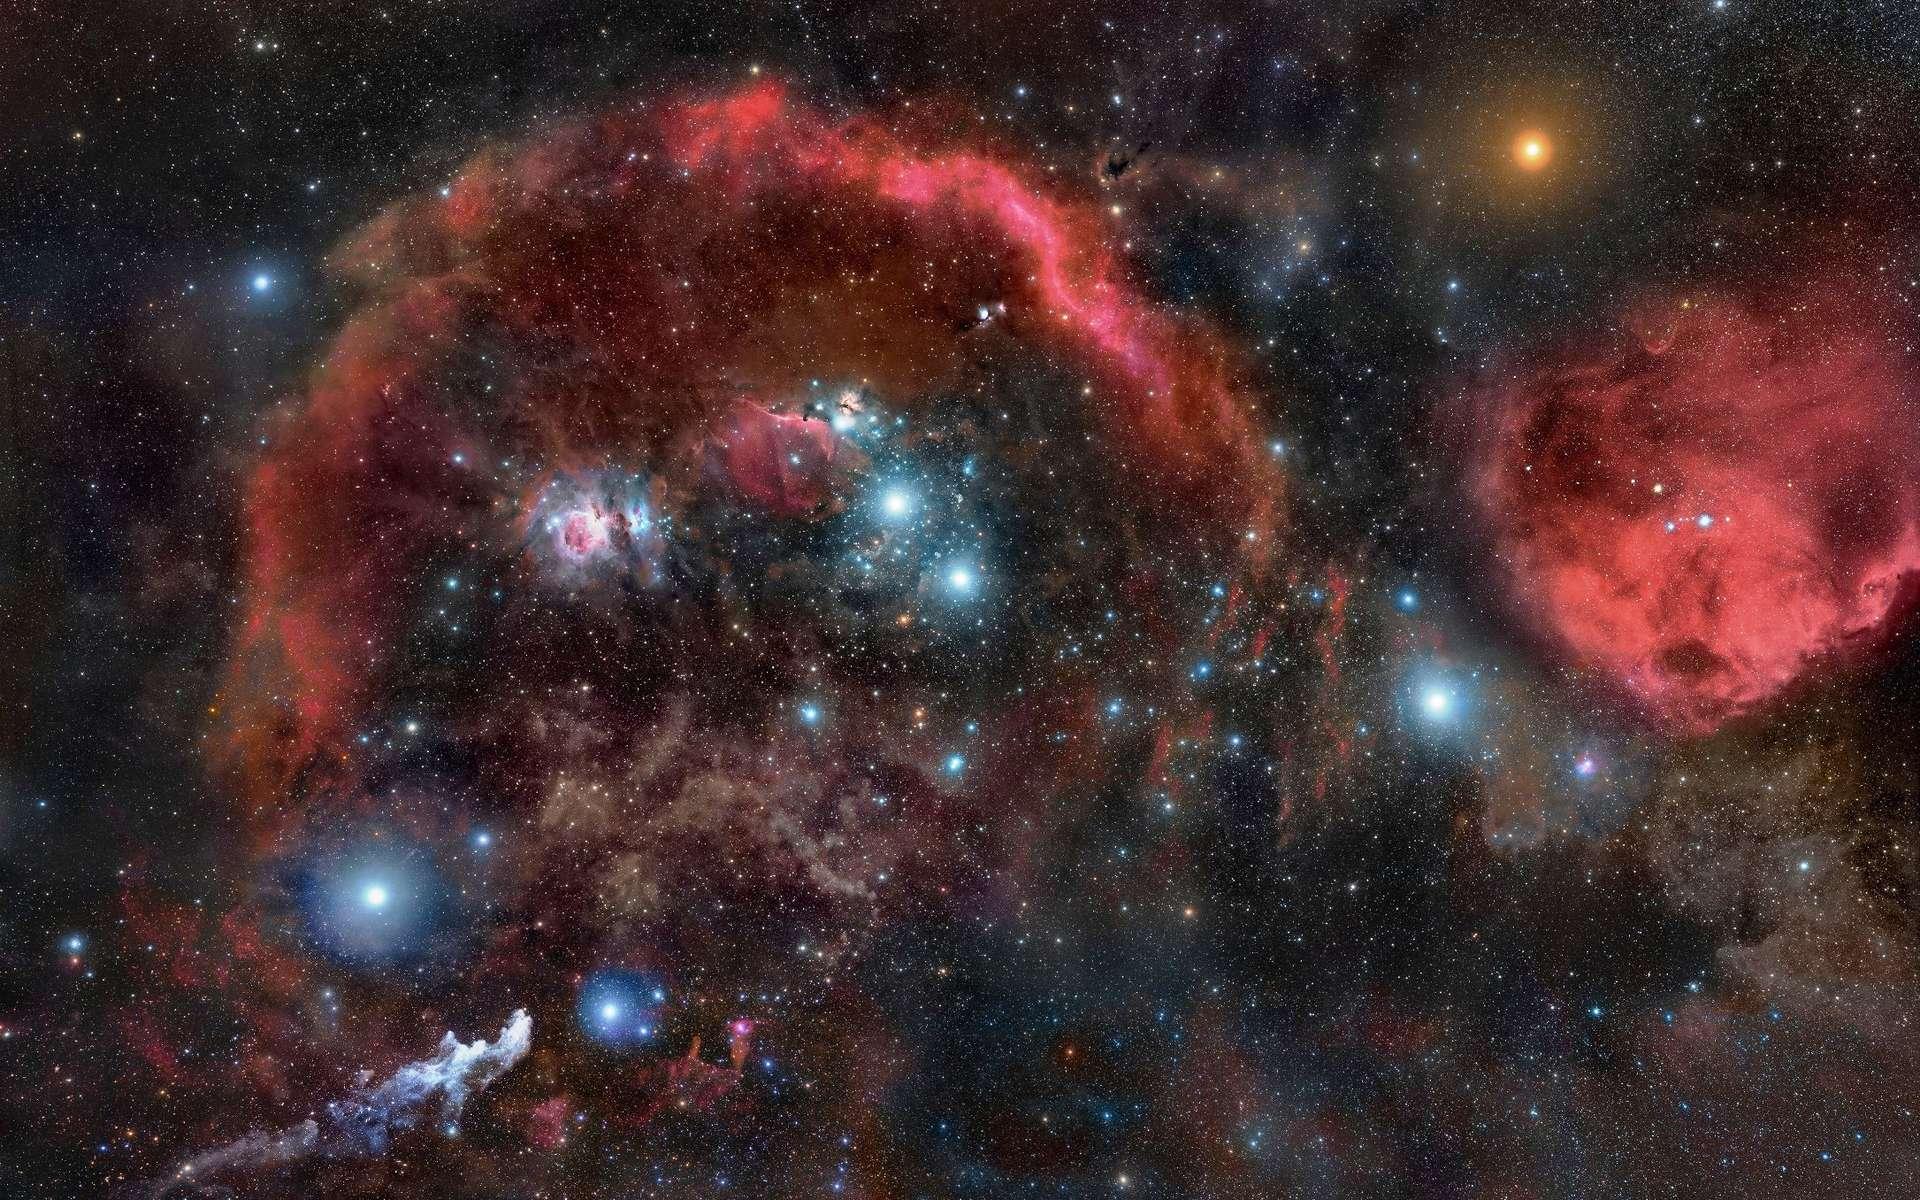 Le nuage moléculaire complexe d'Orion est aussi appelé le complexe d'Orion car il contient en fait plusieurs nuages ainsi que d'autres objets. Situé dans la constellation d'Orion, on le confond parfois avec plusieurs de ces composantes en particulier M42, la nébuleuse d'Orion. D'autres composantes de ces nuages sont ainsi célèbres comme la nébuleuse de la Tête de Cheval et la nébuleuse de la Flamme (NGC 2024). © Rogelio Bernal Andreo, CC by-sa 3.0